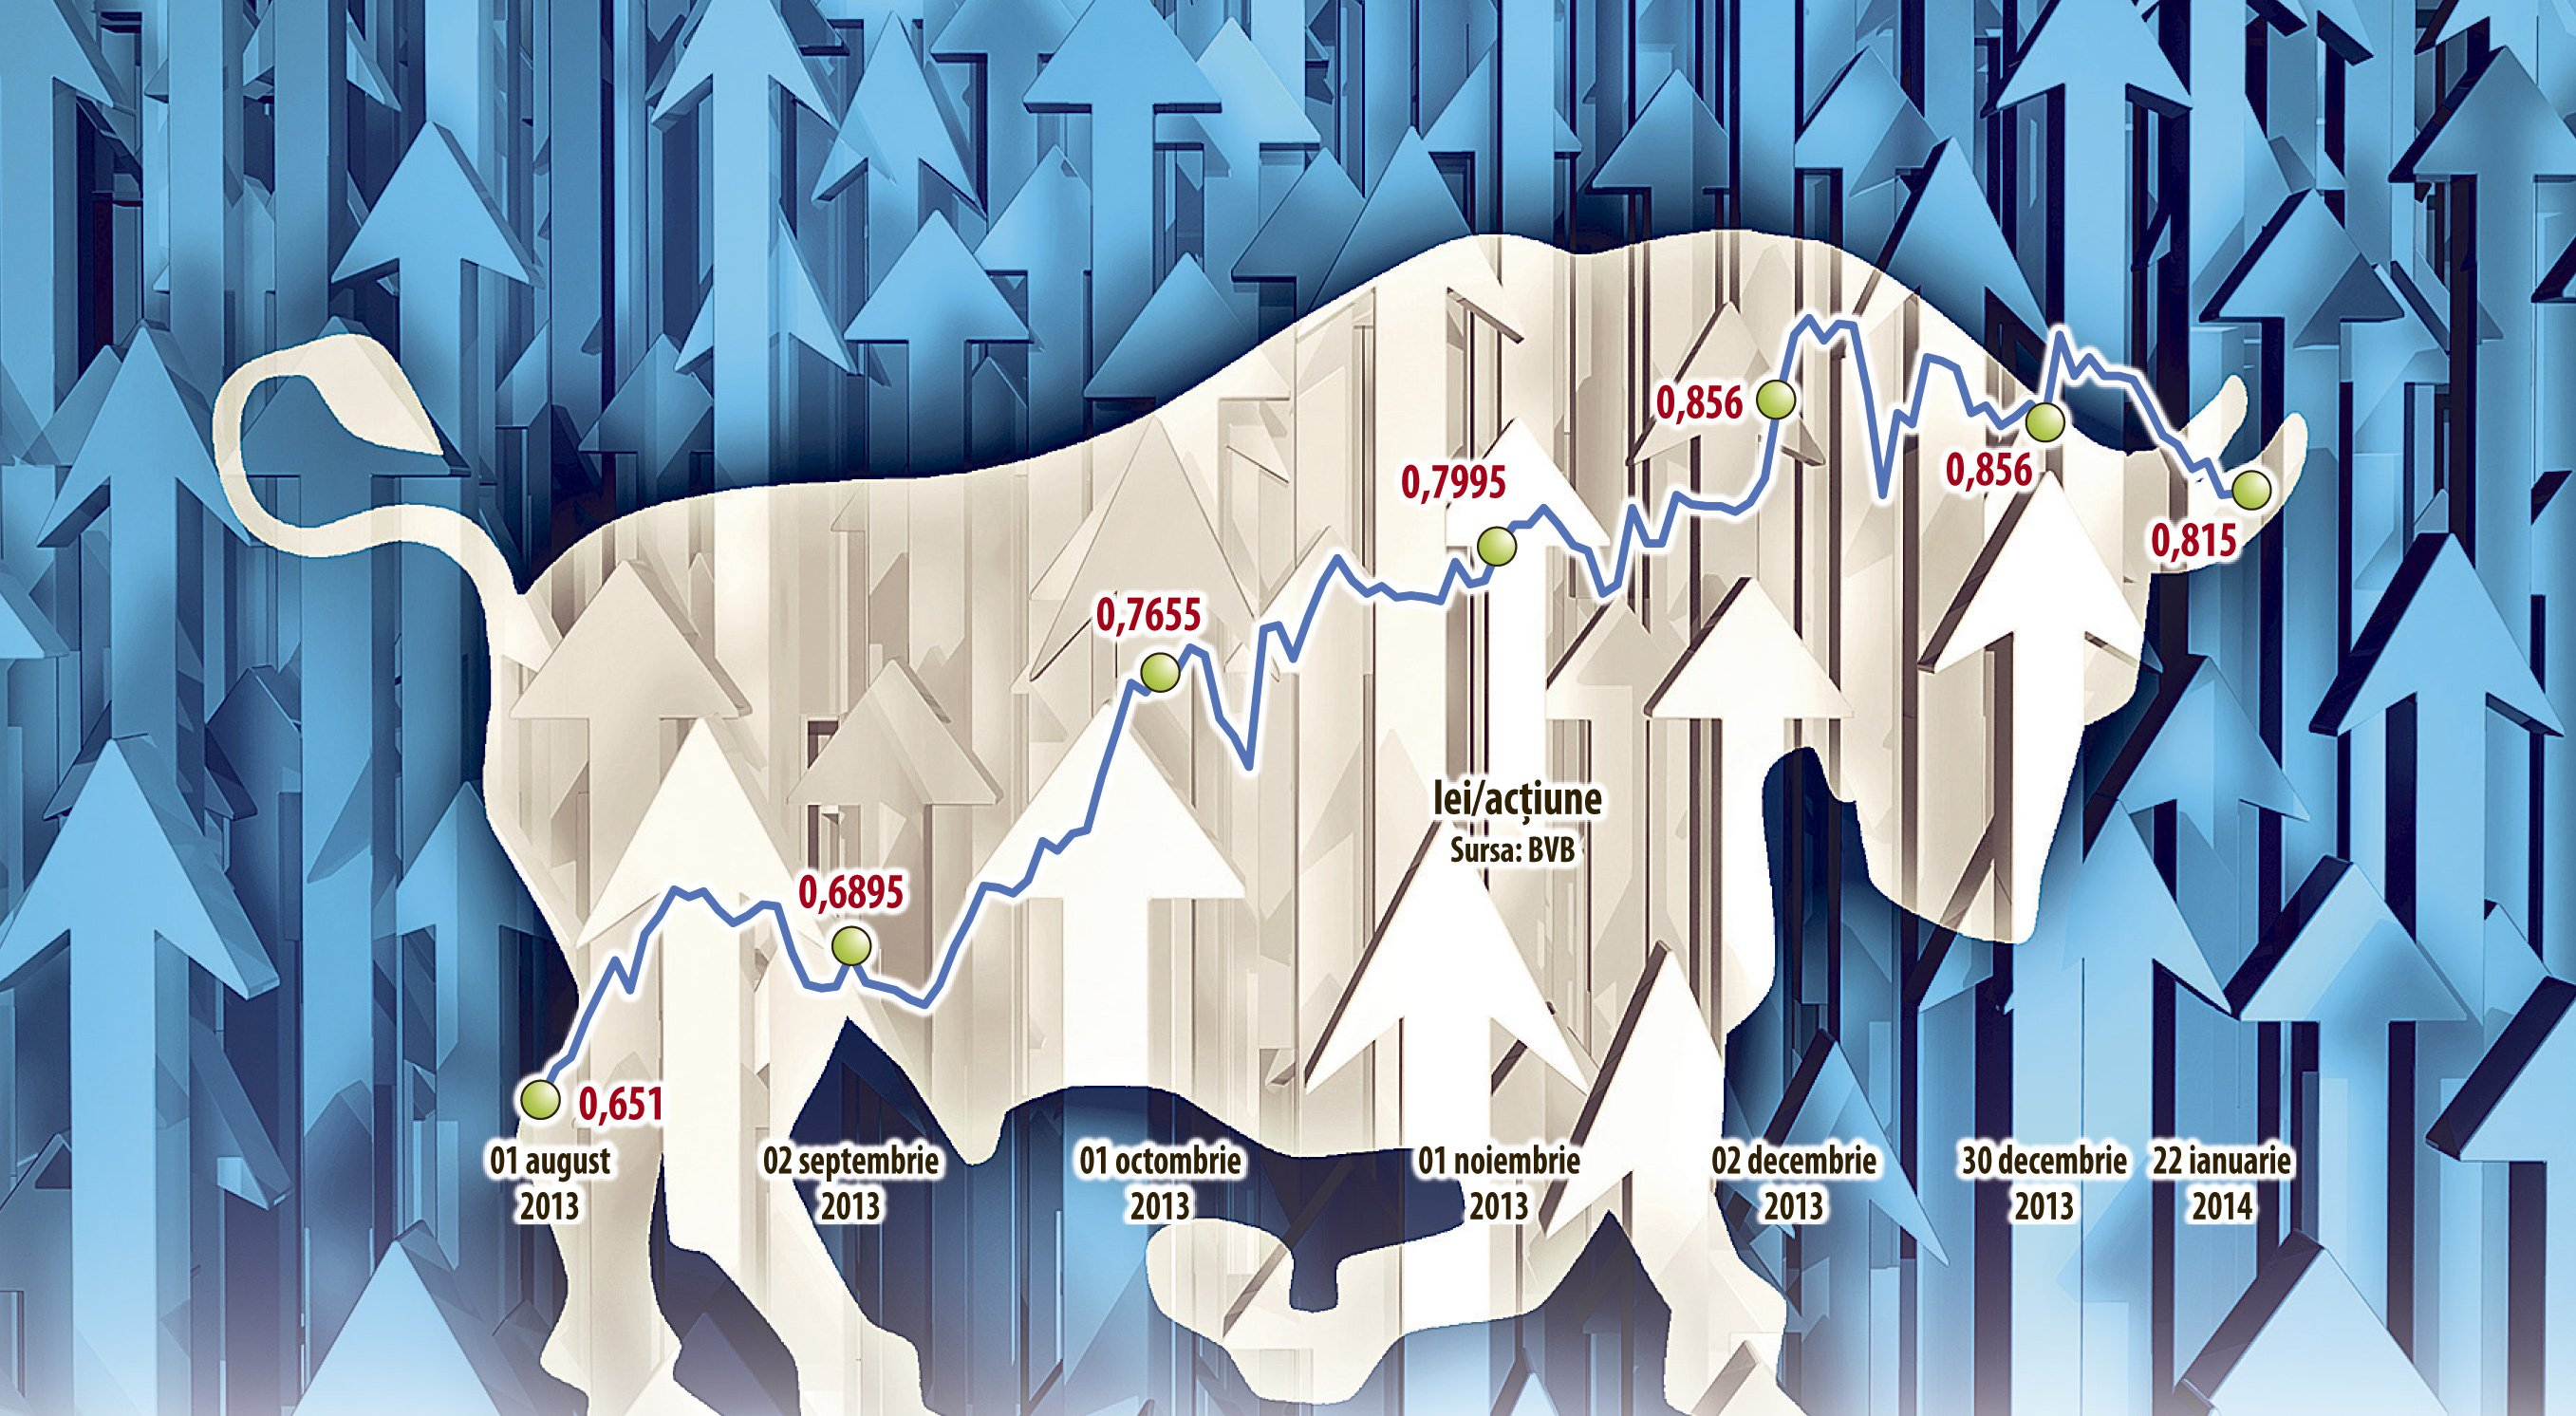 Fondul Proprietatea: 3 ani de investiţii doar în acționarii proprii